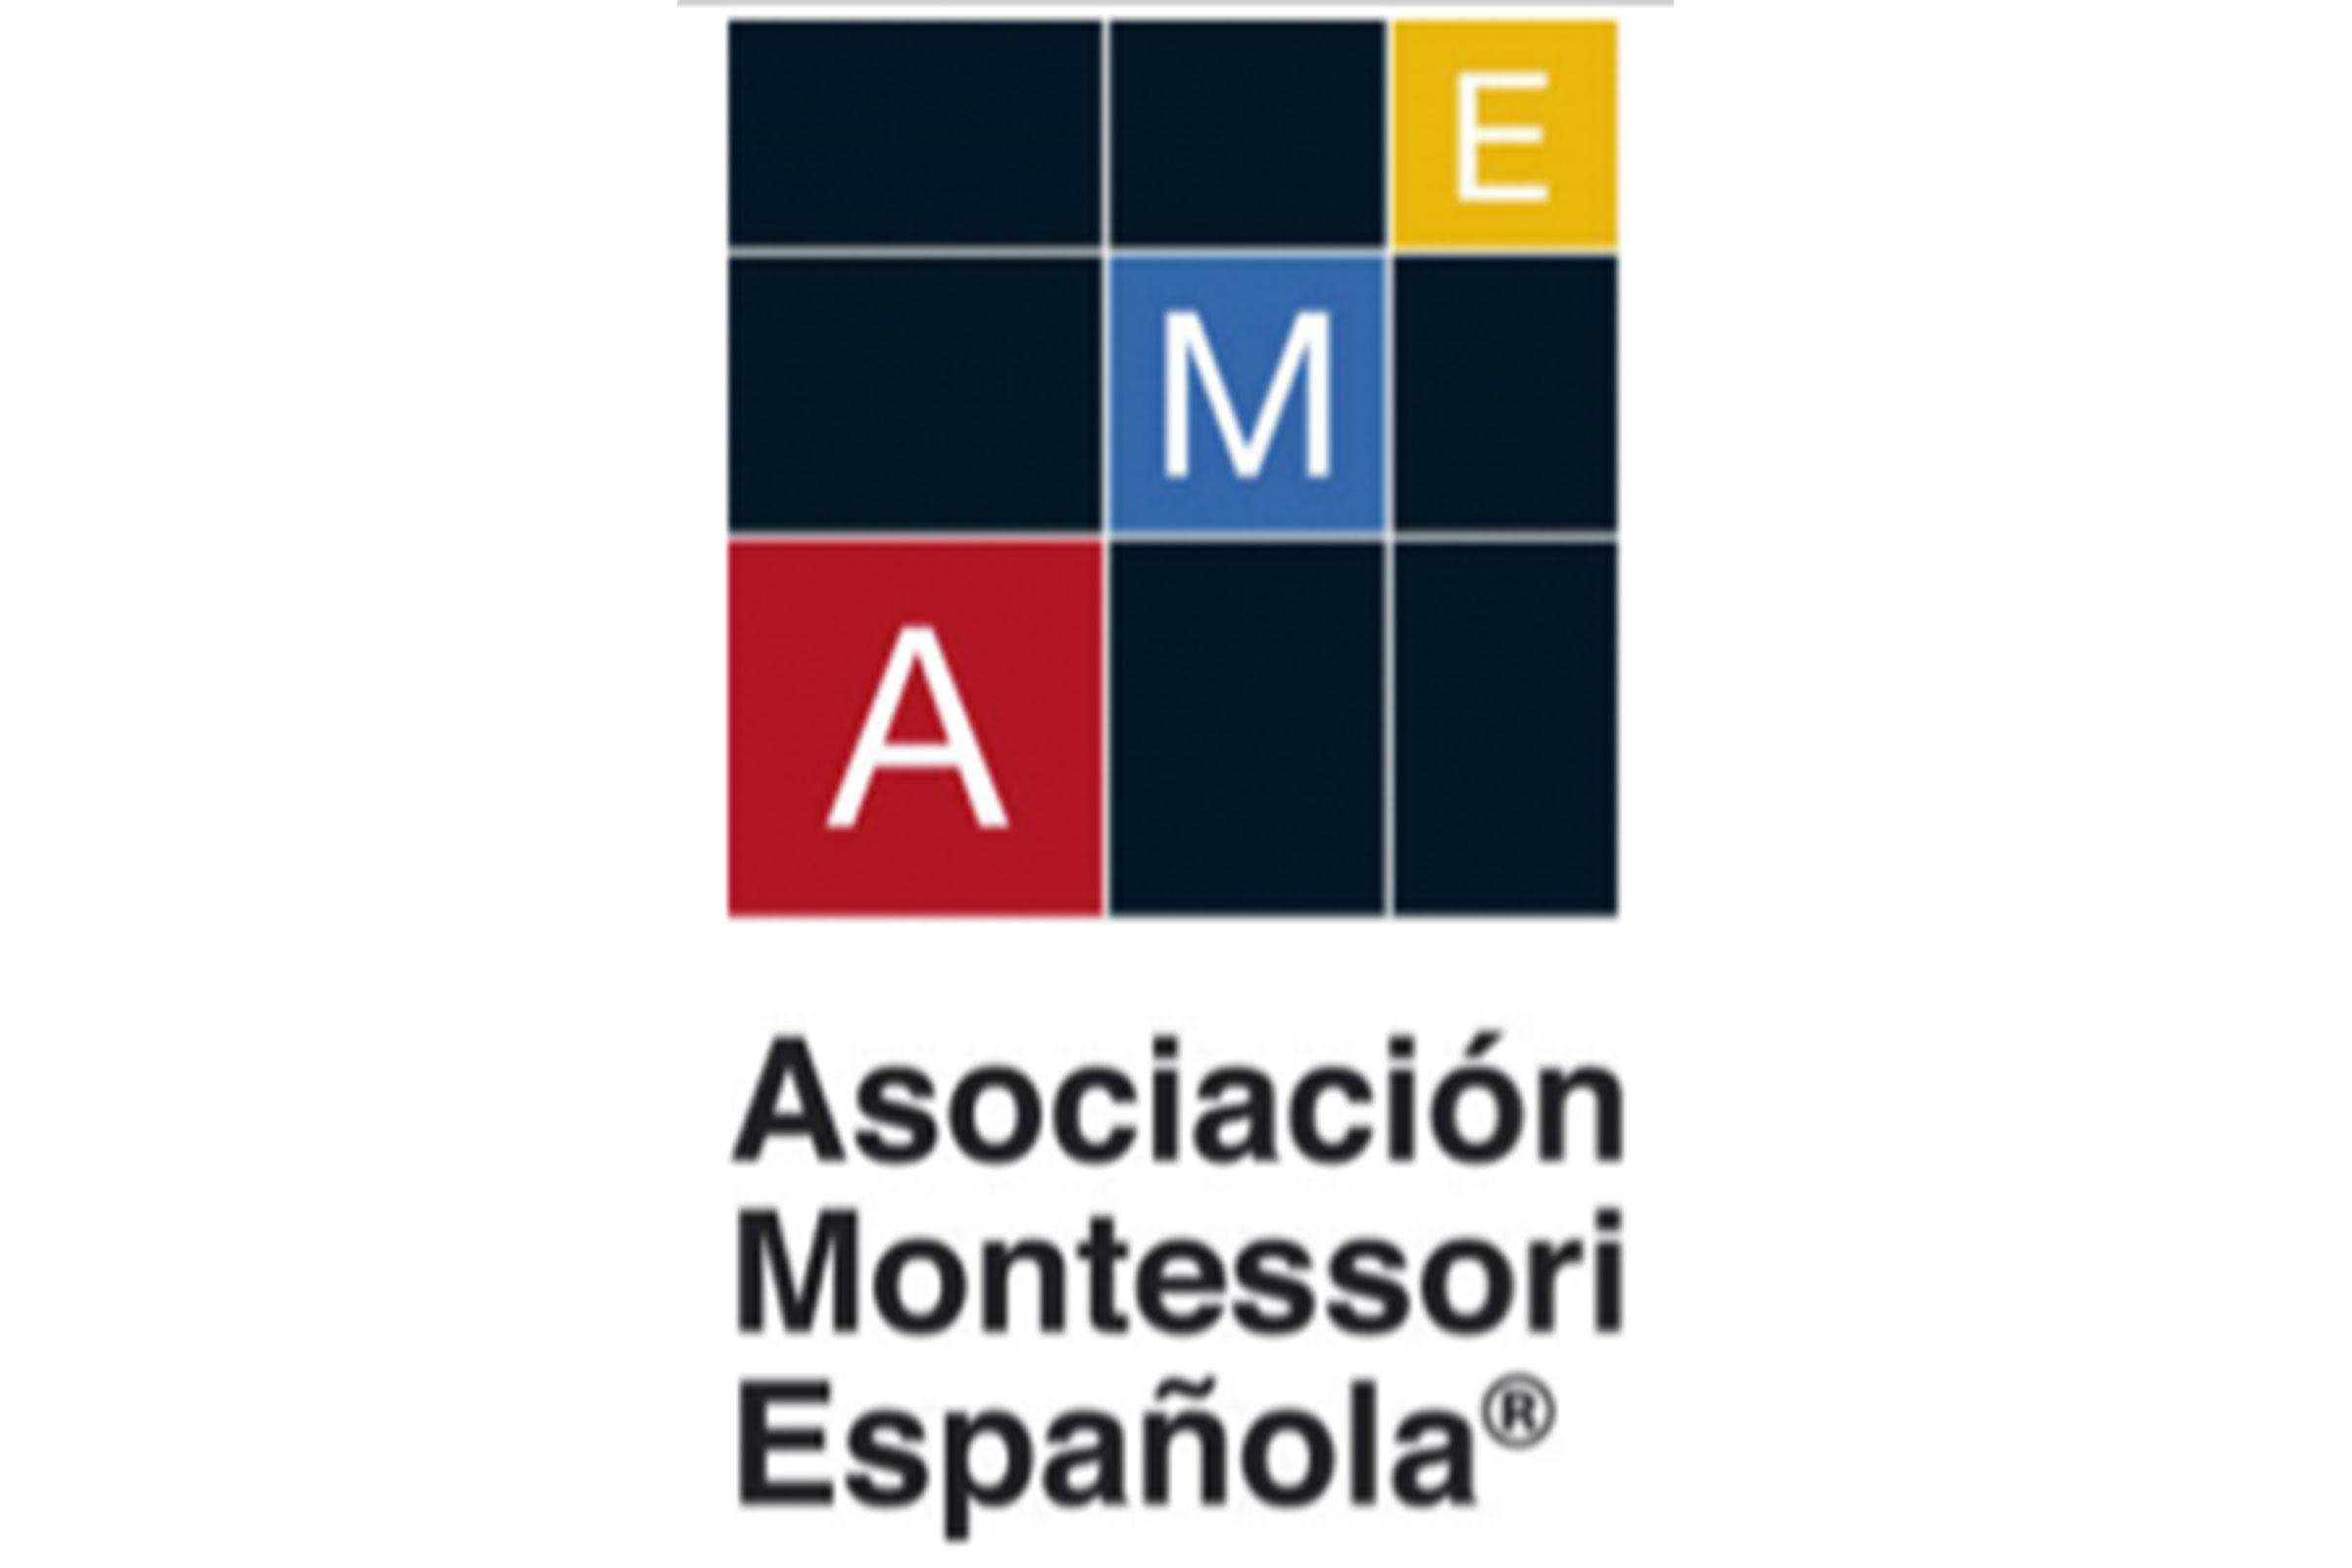 Asociación Montessori Española logo